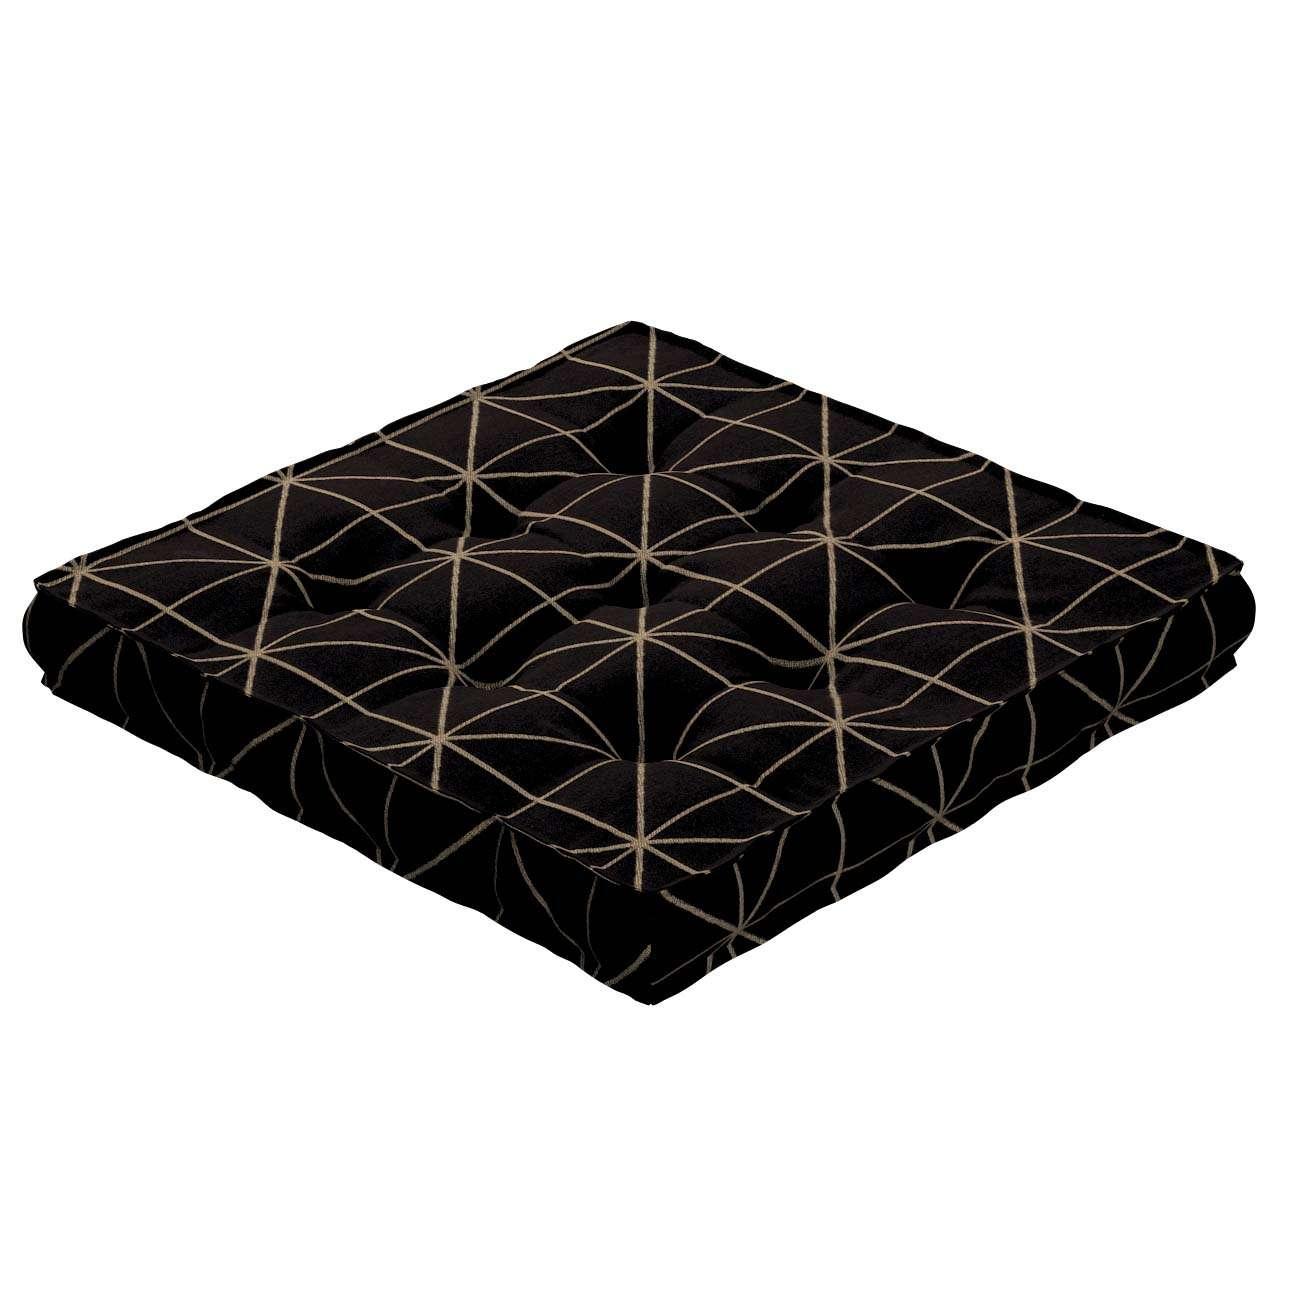 Siedzisko Kuba na krzesło w kolekcji Black & White, tkanina: 142-55